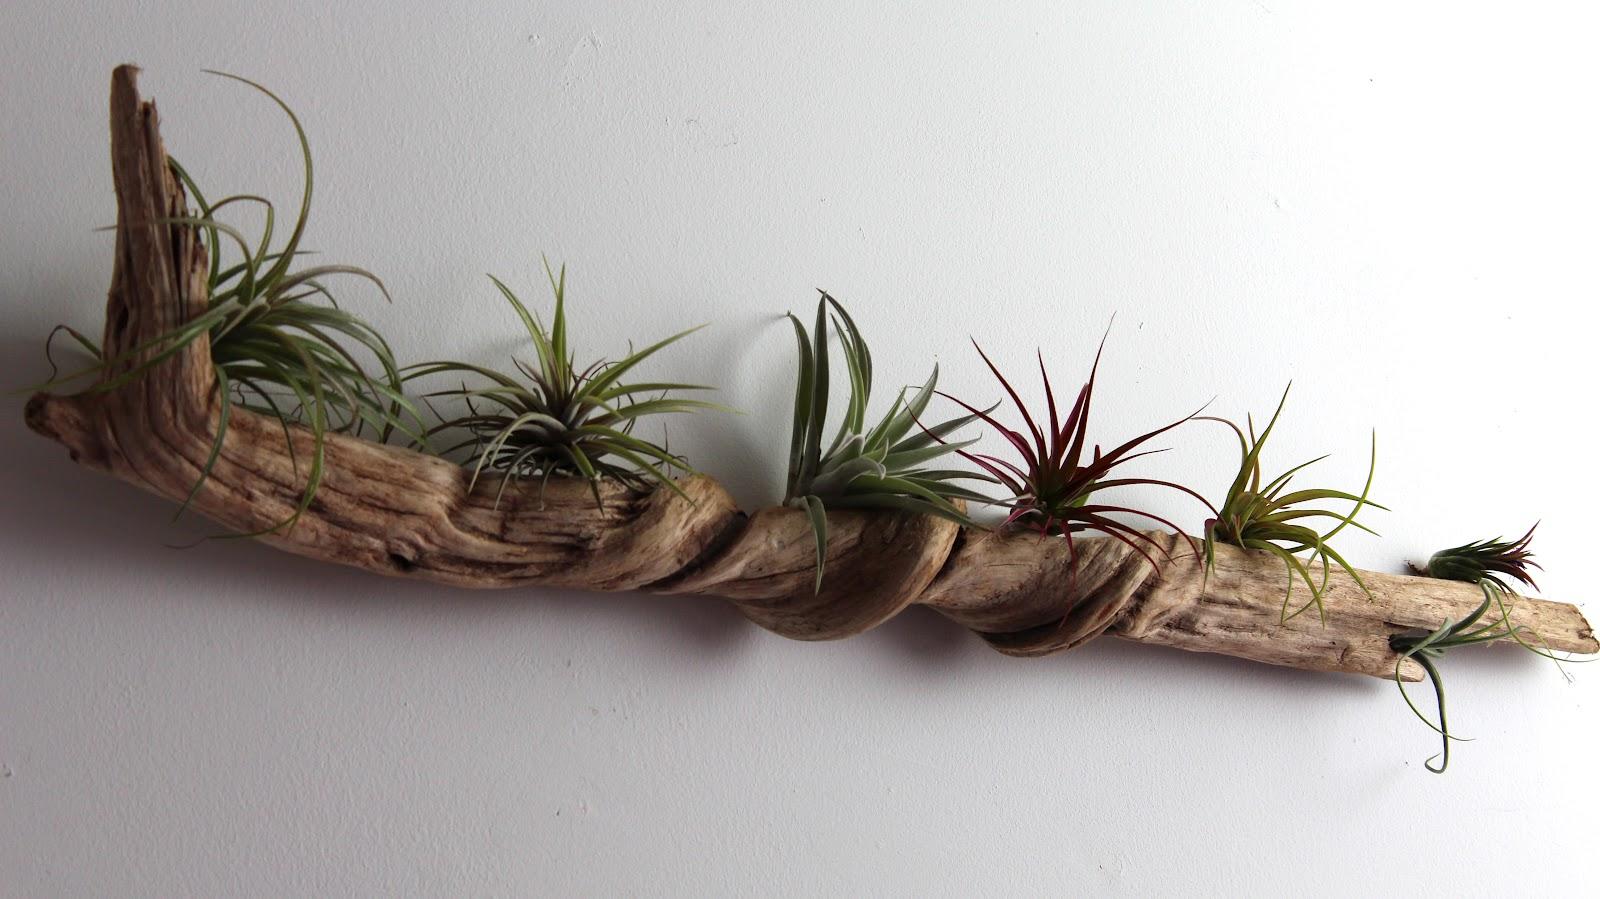 Nest: DIY Driftwood Wall Garden